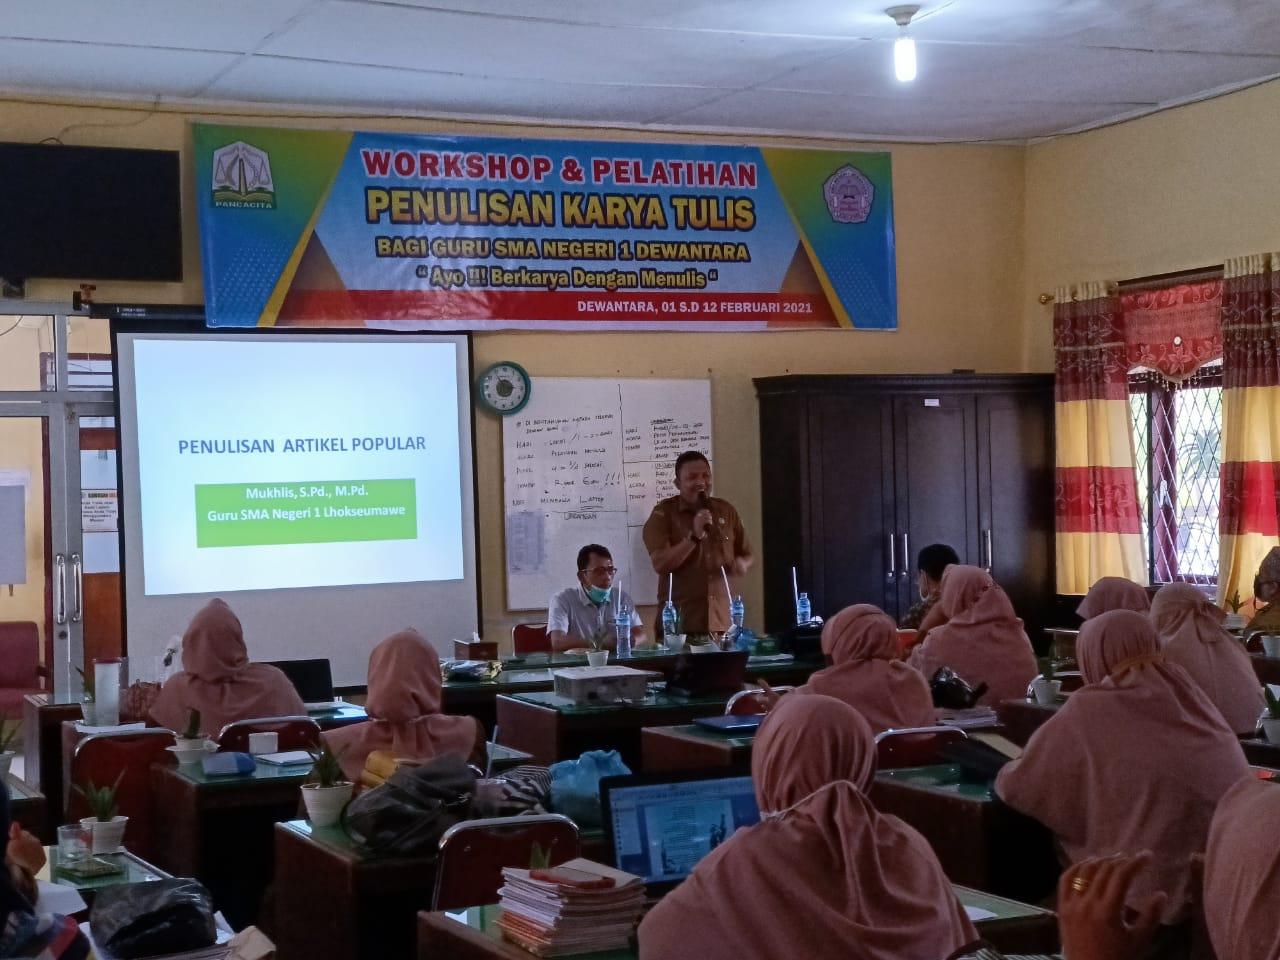 SMA Negeri 1 Dewantara melaksanakan workshop karya tulis bagi guru